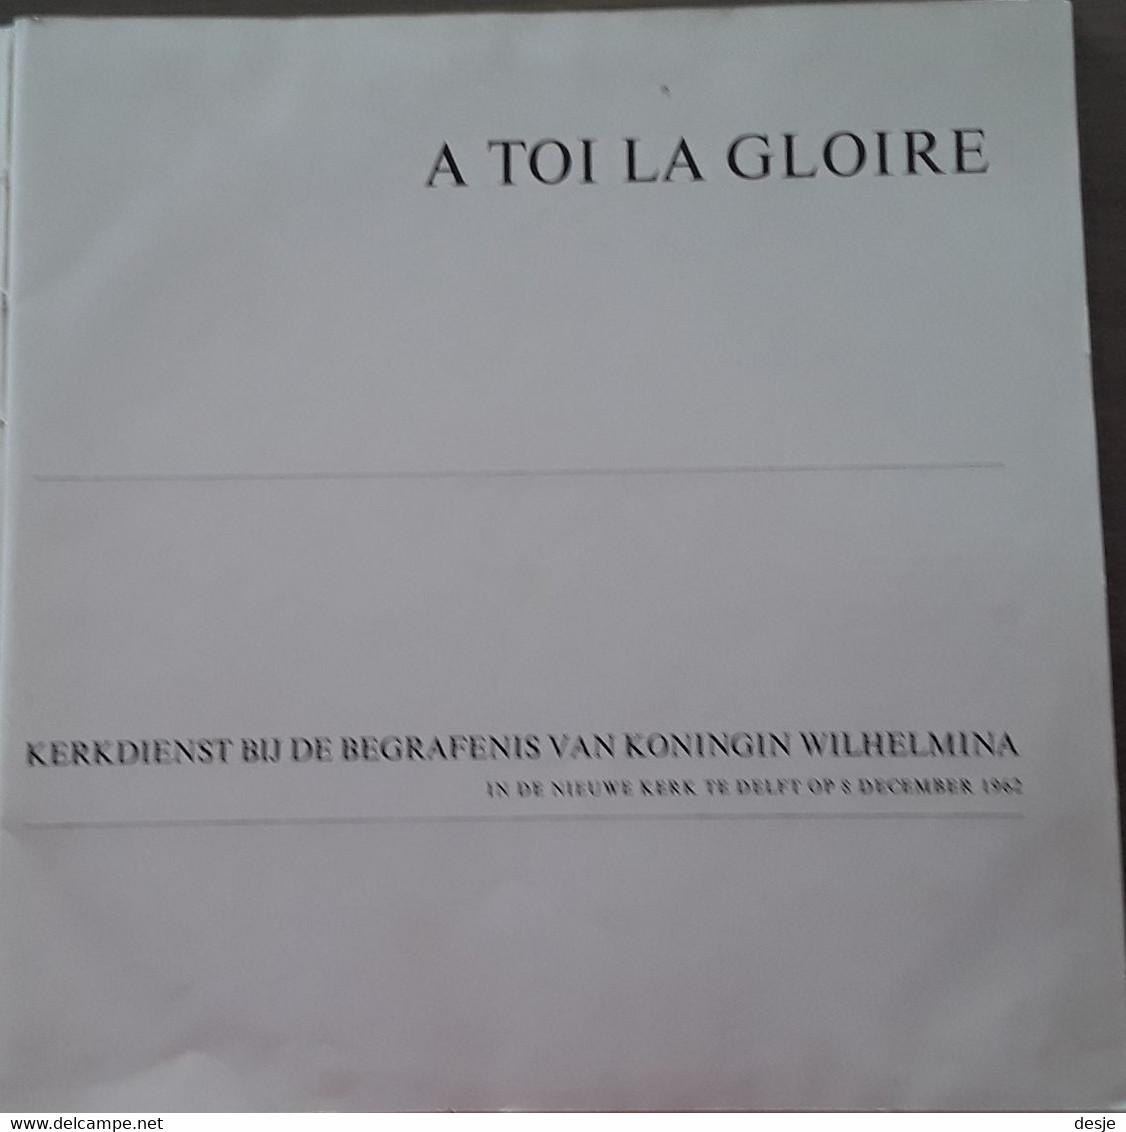 A Toi La Gloire, Kerkdienst Bij De Begrafenis Van Koningin Wilhelmina, 8 December 1962. - 78 G - Dischi Per Fonografi